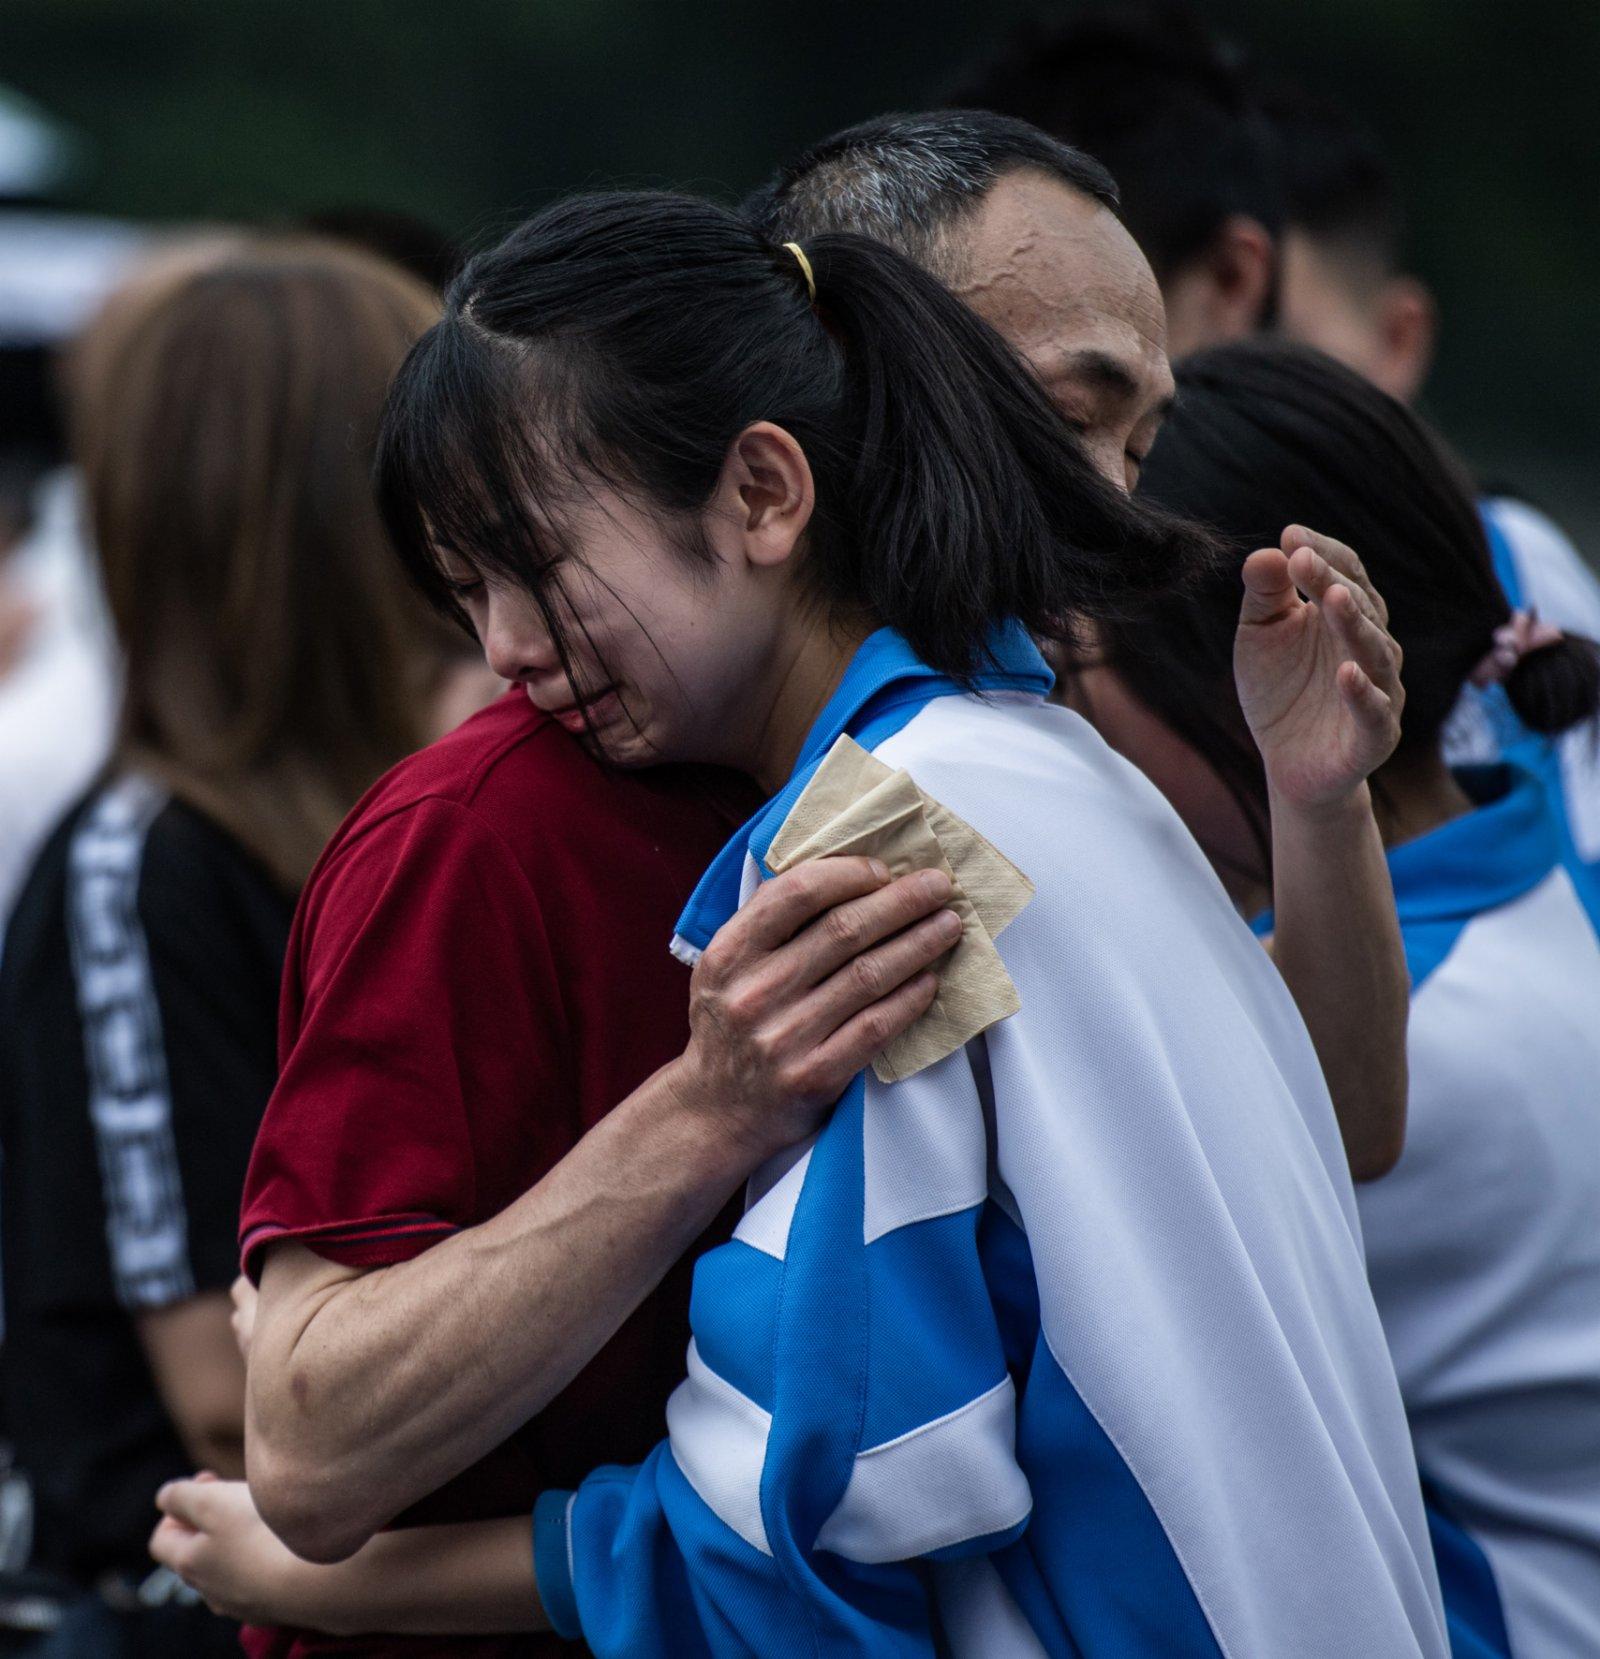 9日,烏當中學高三學生和家長在成人儀式上擁抱。